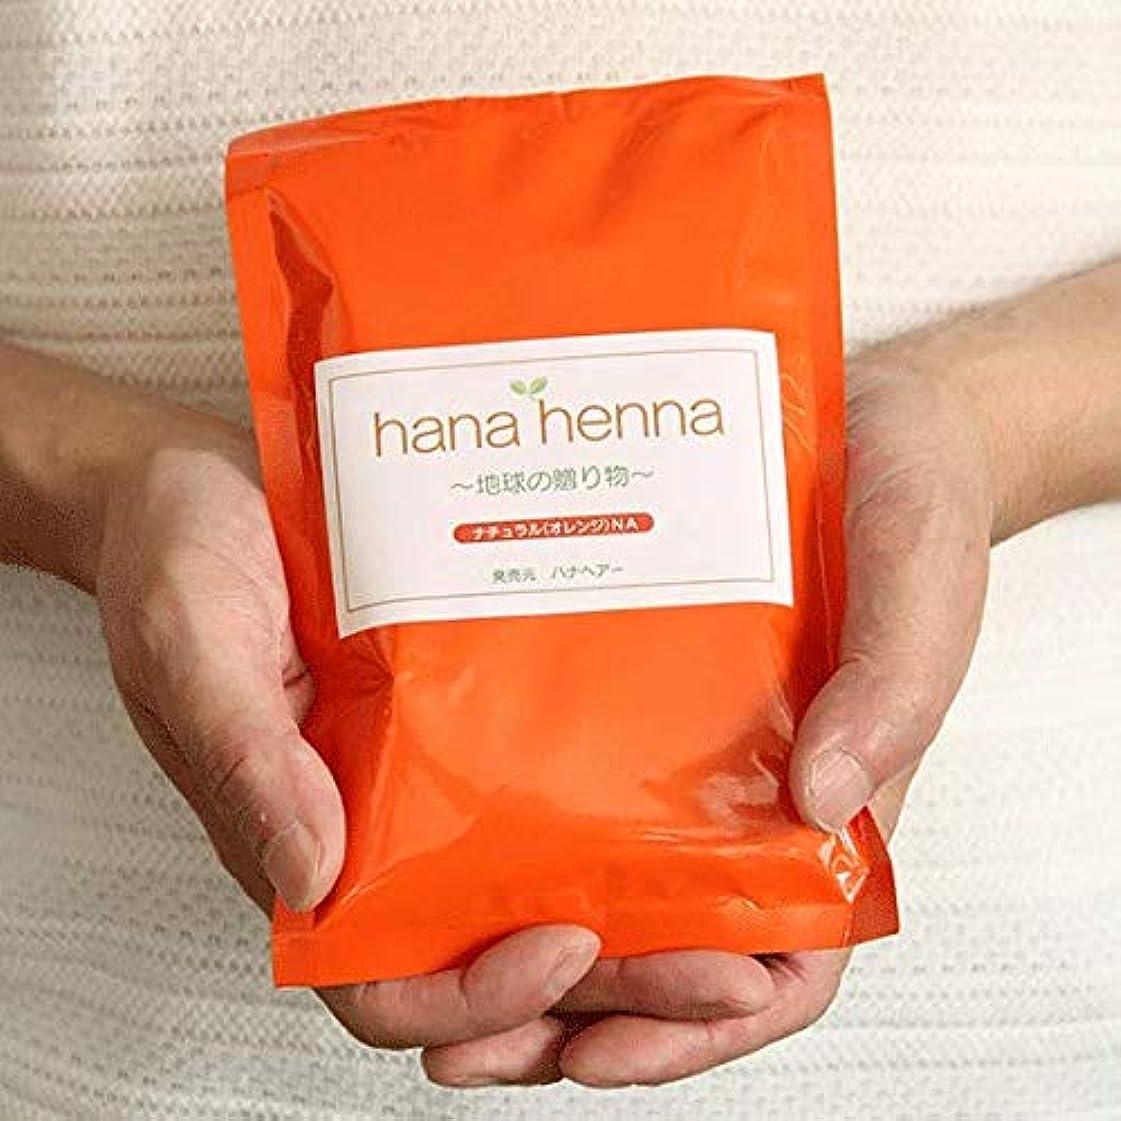 同様のまさにかんたん?hana henna?ハナヘナ ナチュラル(オレンジ) 500g